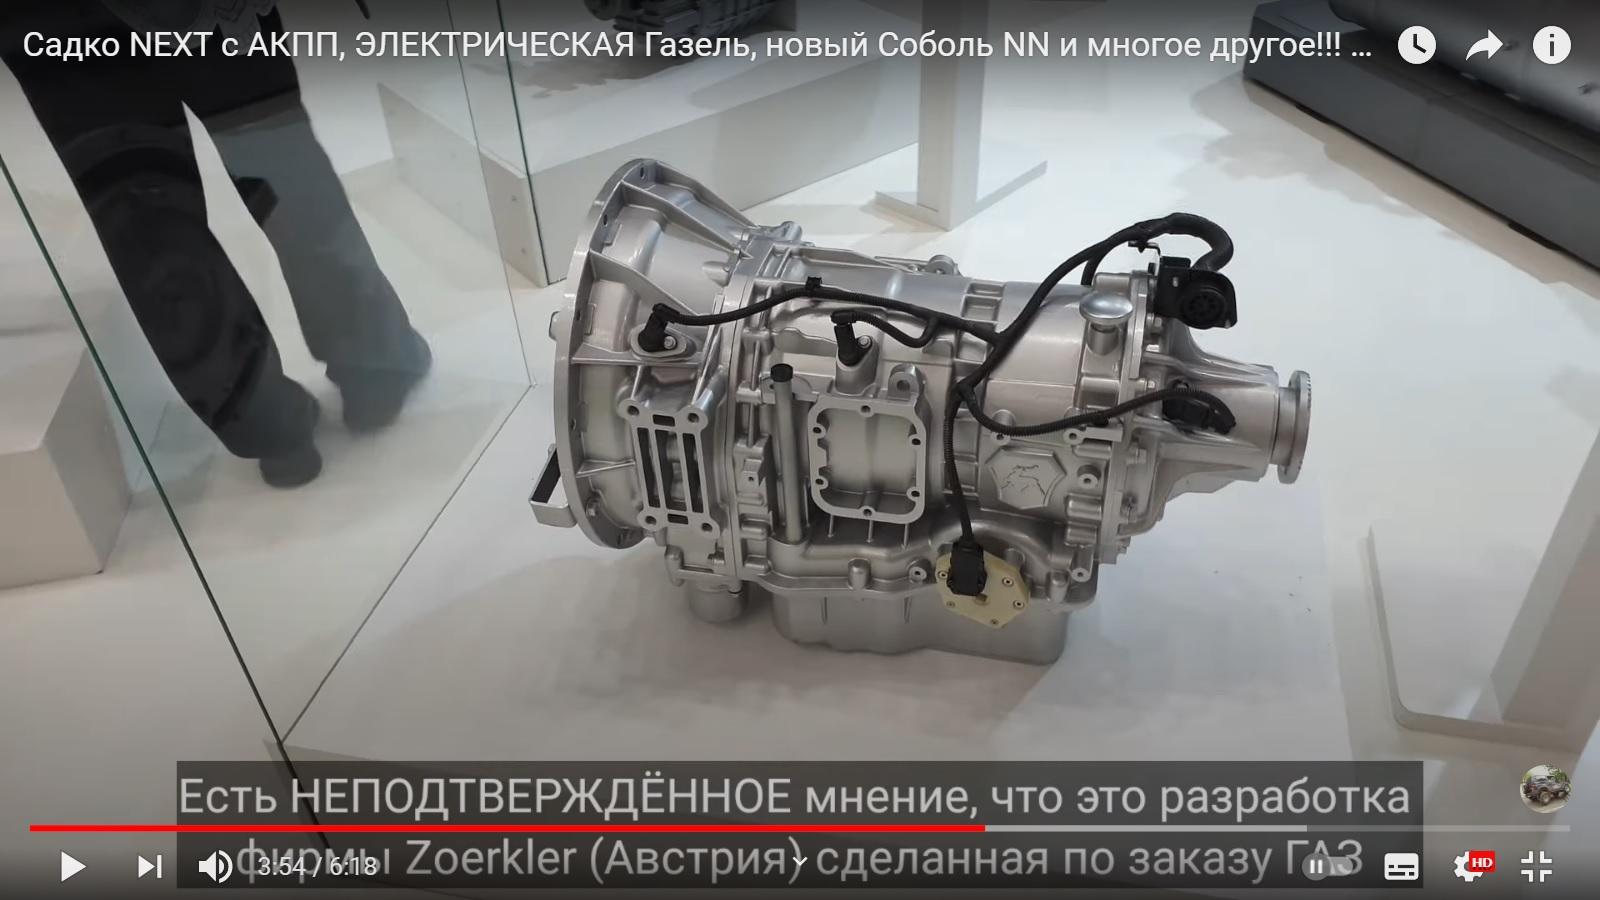 http://forumupload.ru/uploads/000a/e3/16/2408/800430.jpg